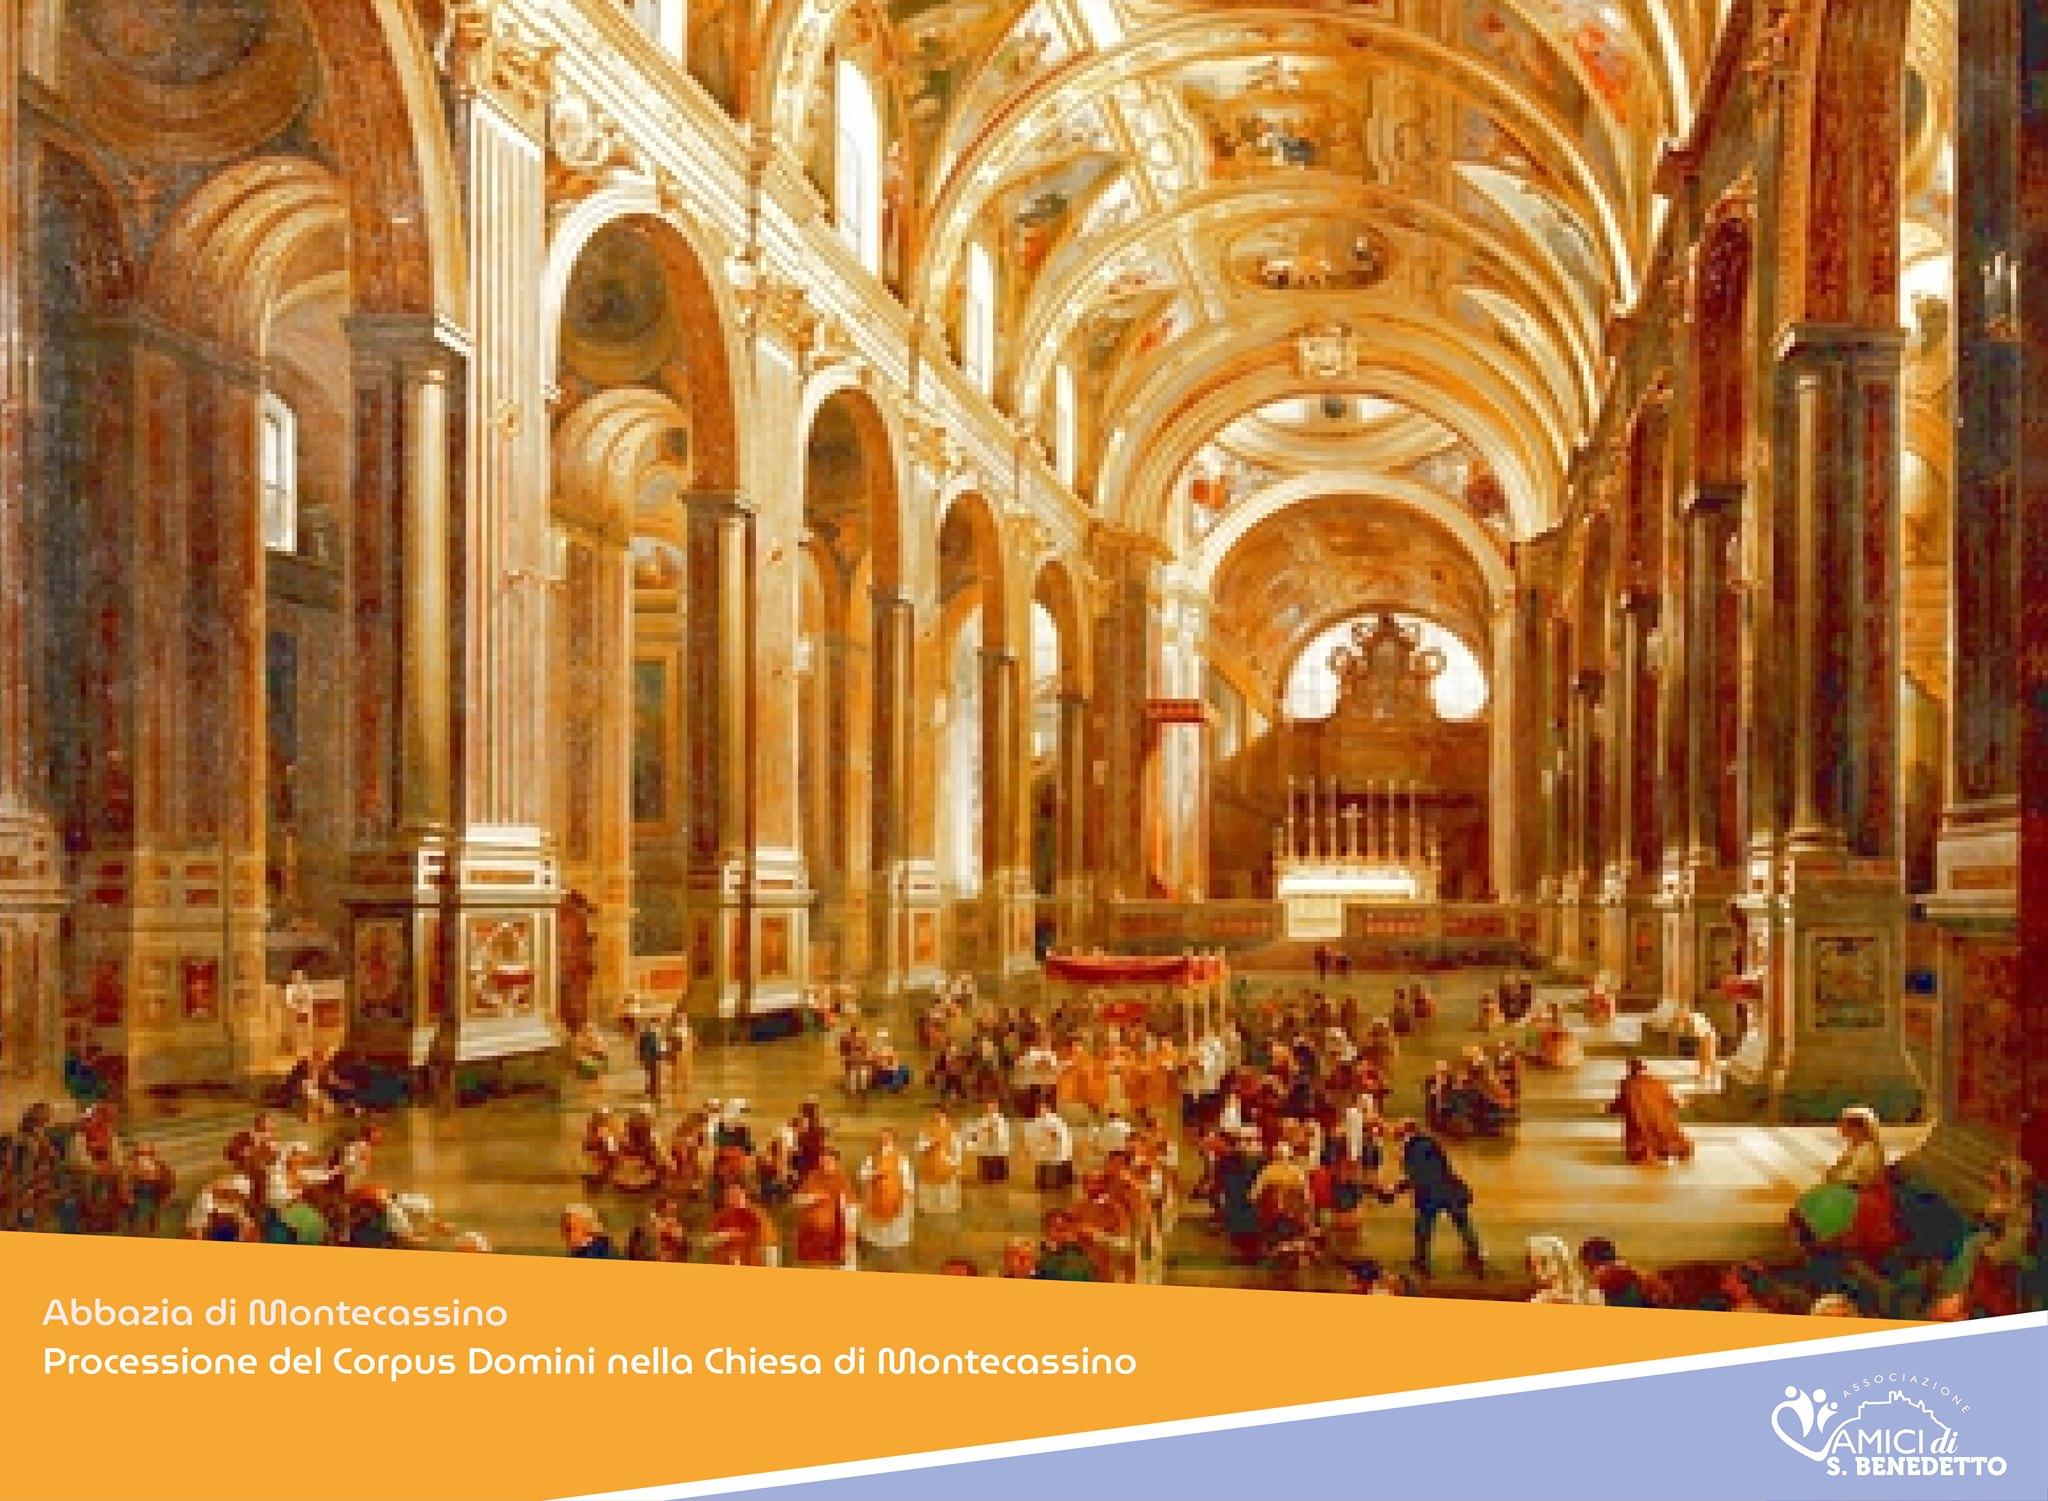 Processione del Corpus Domini nella Chiesa di Montecassino